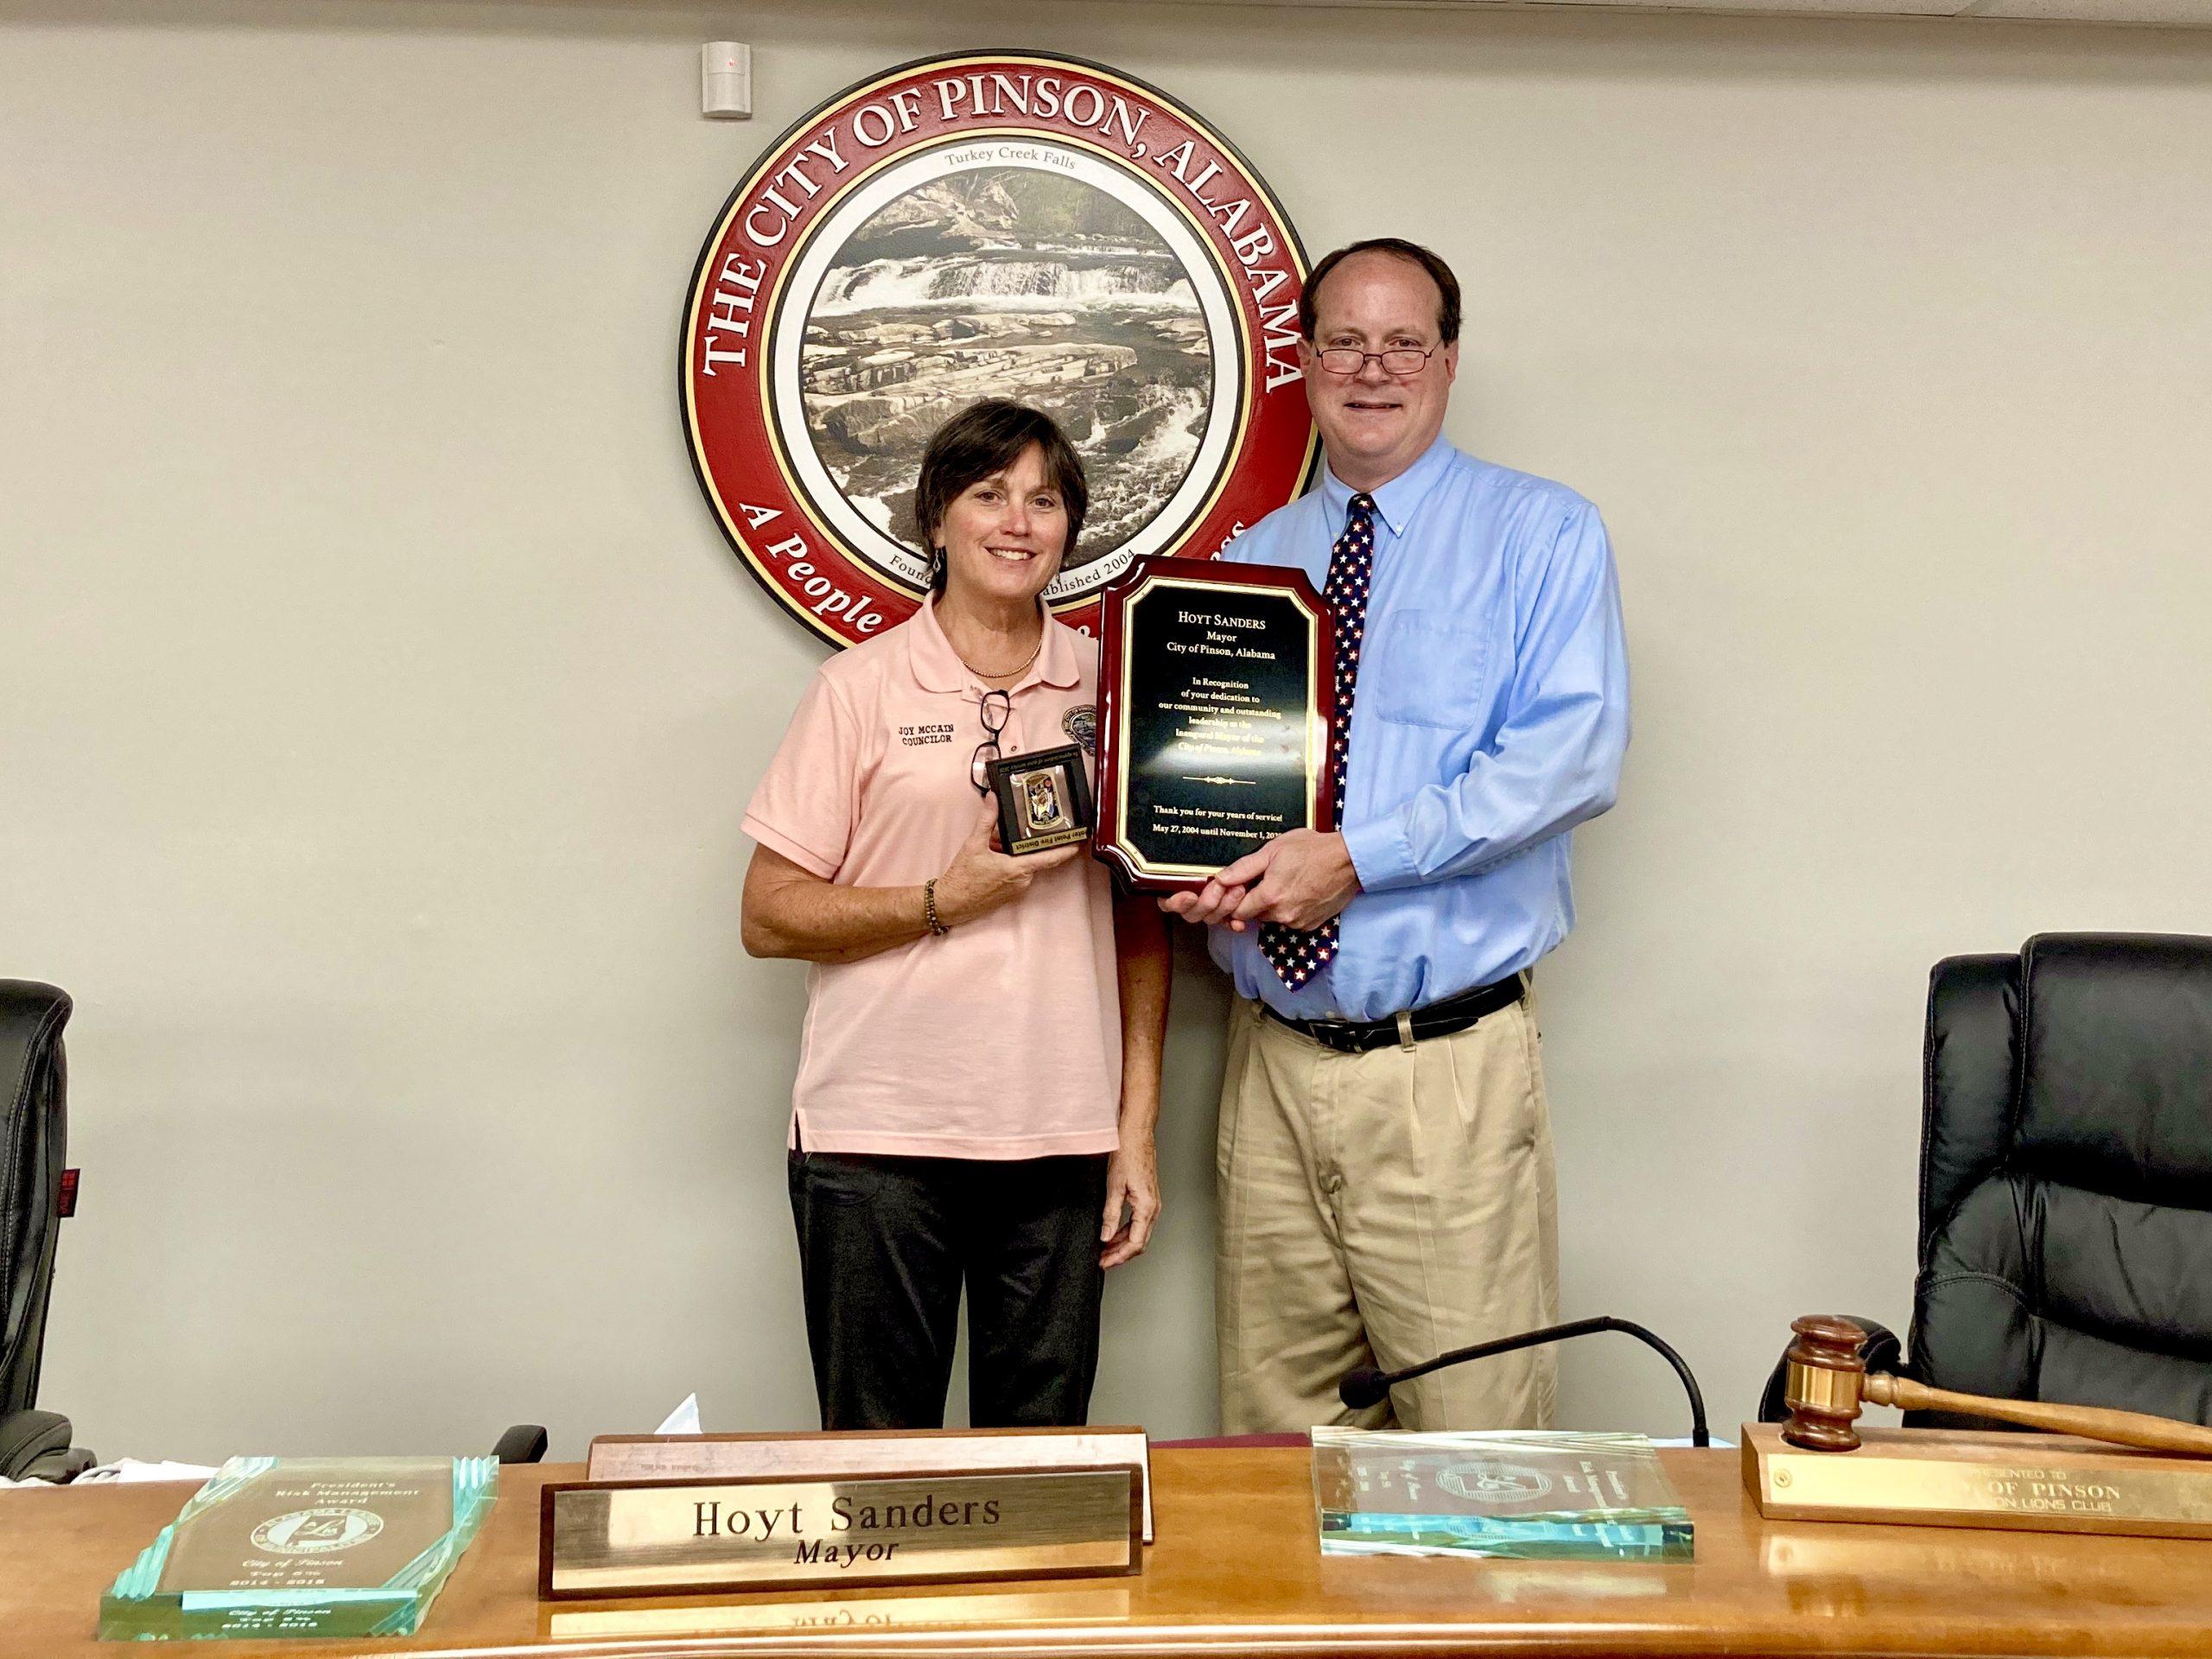 Pinson Council says farewell to Mayor Hoyt Sanders, Councilor Joy McCain